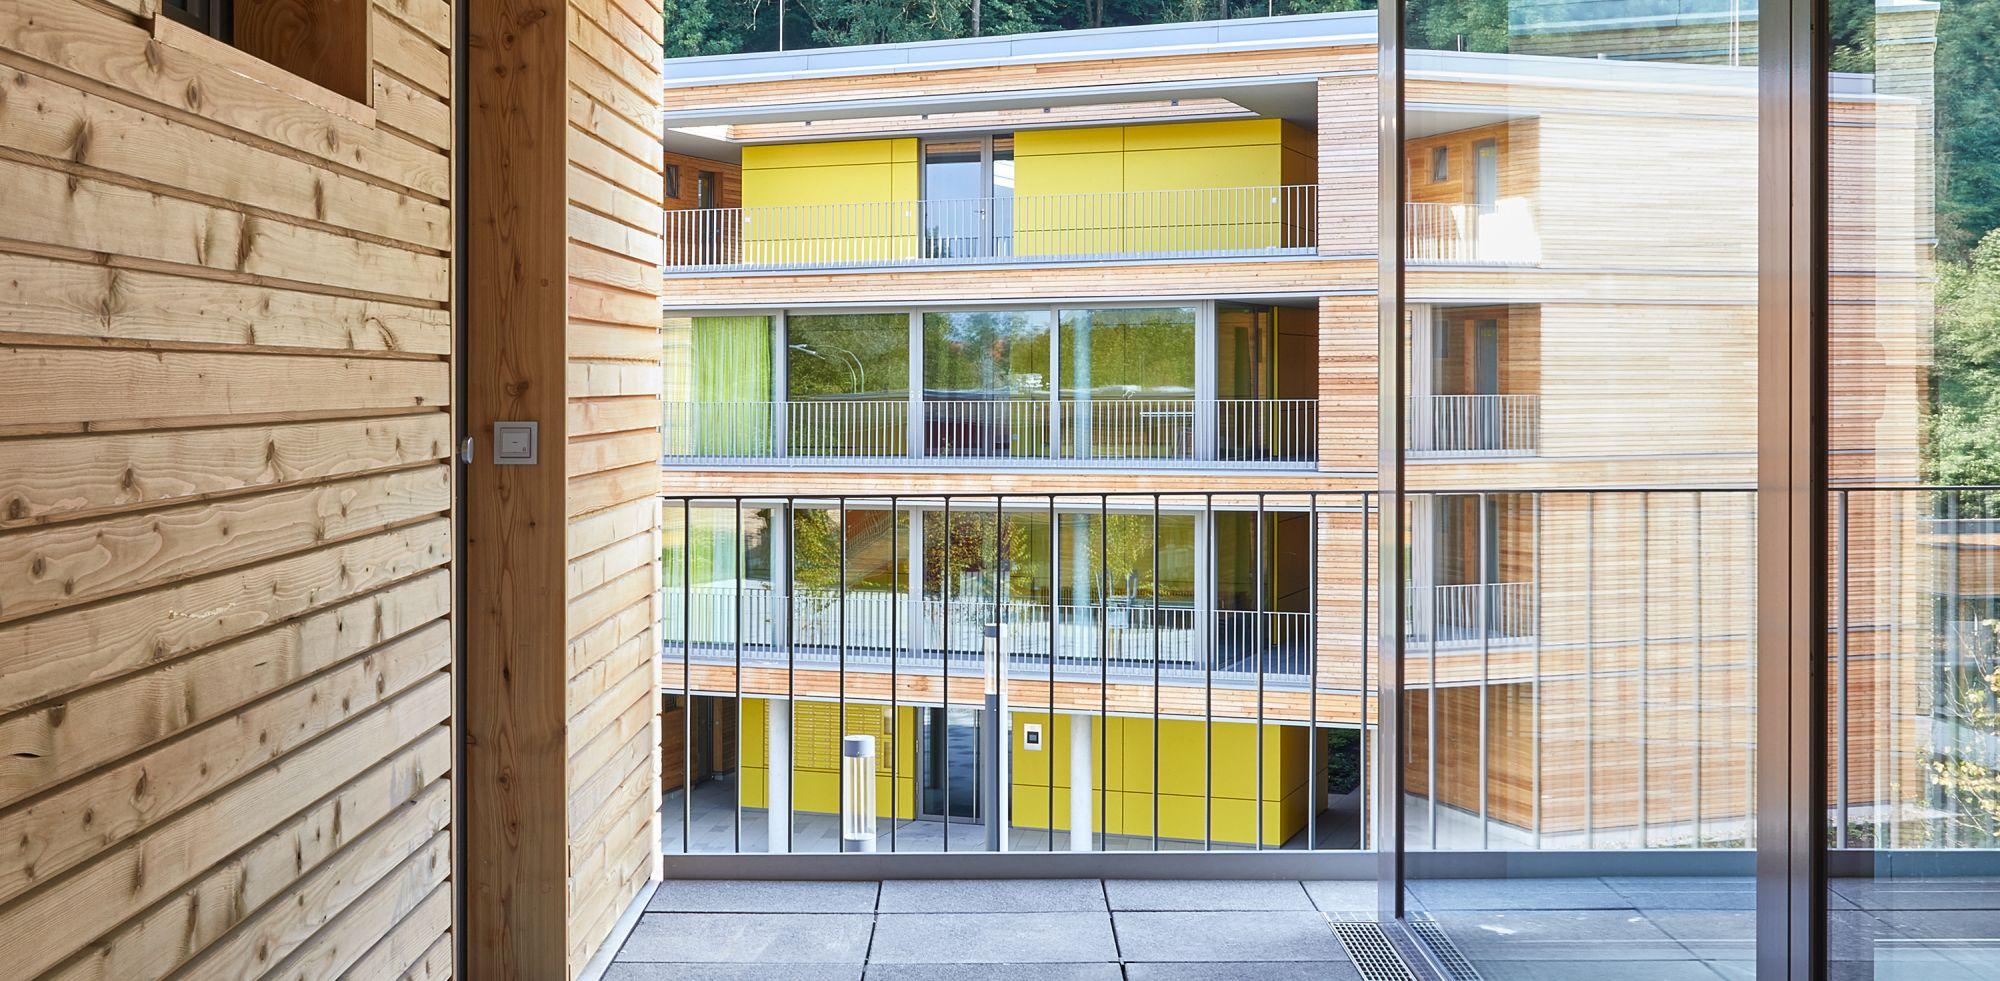 Studentenwohnheim in Landshut/Niederbayern